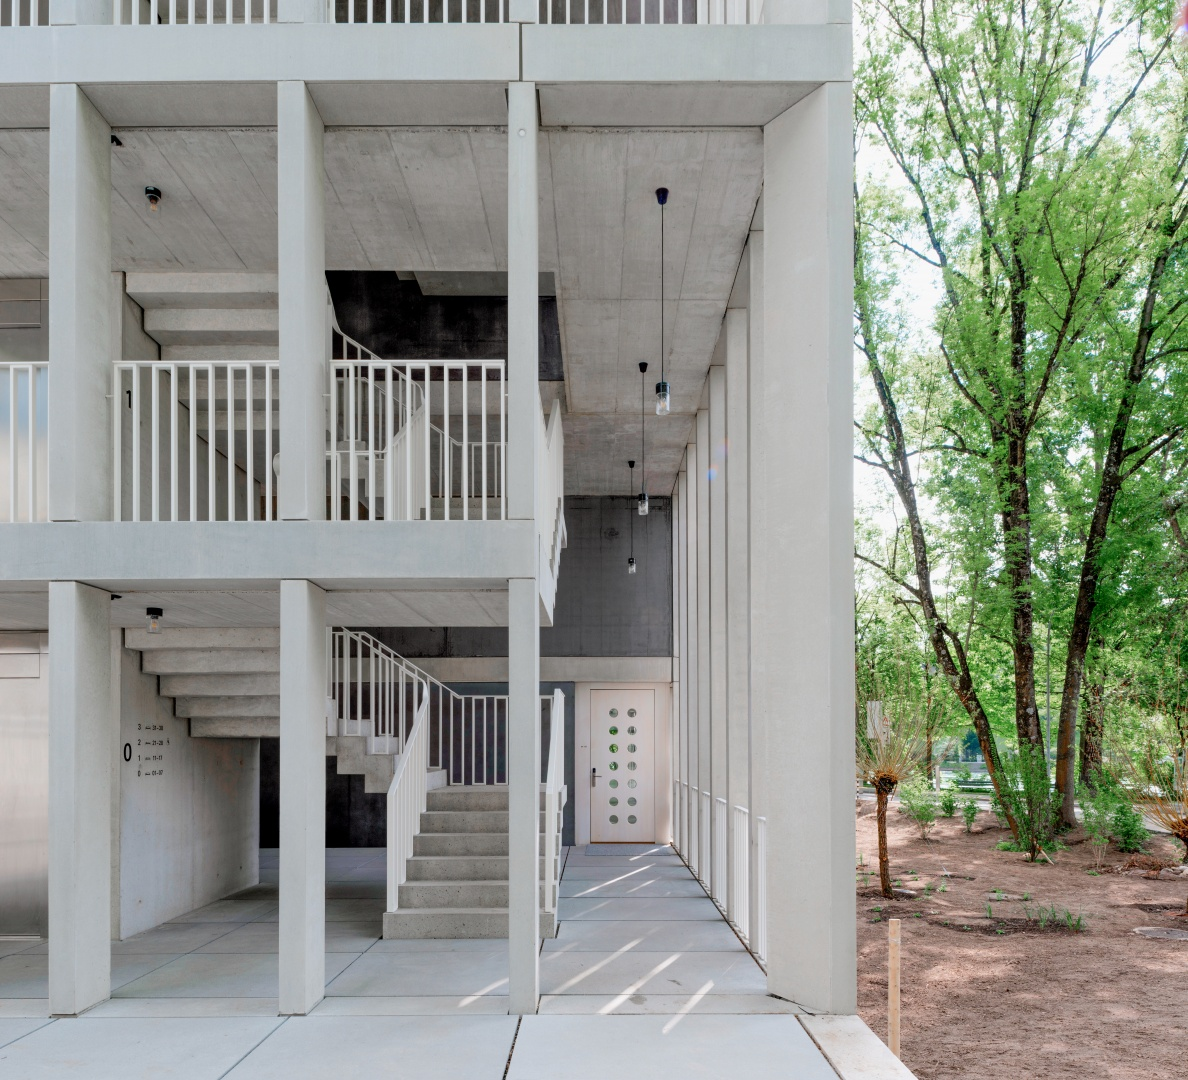 La cage d'escalier ouverte relie des deux côtés les quatre étages du nouveau dortoir. Les éléments préfabriqués de la façade et de l'escalier en béton blanc sont assemblés de manière exemplaire. © Adrian Scheidegger